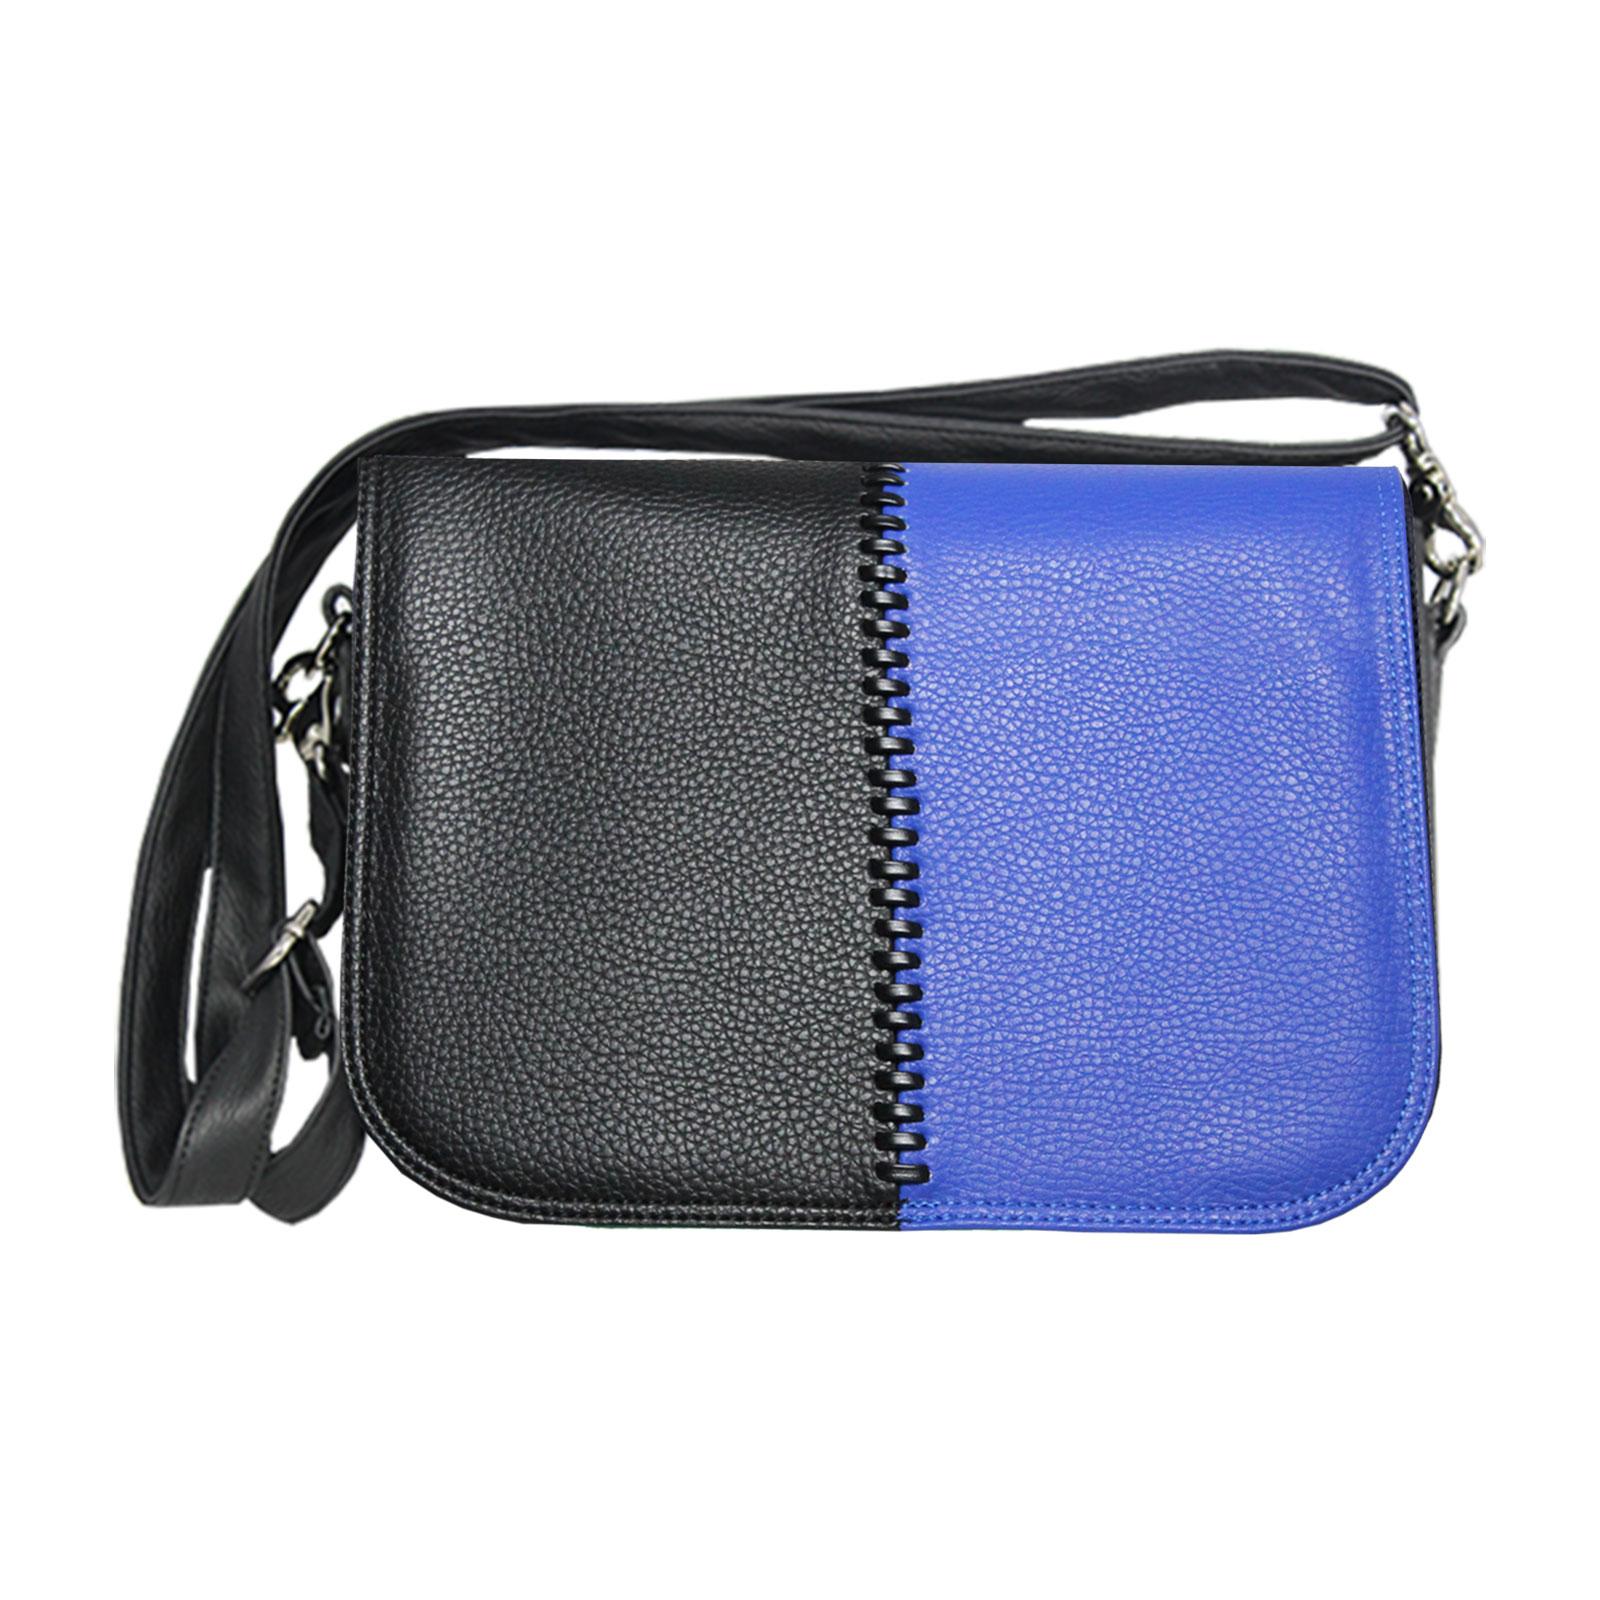 schwarz blaue Handtasche cross over Style